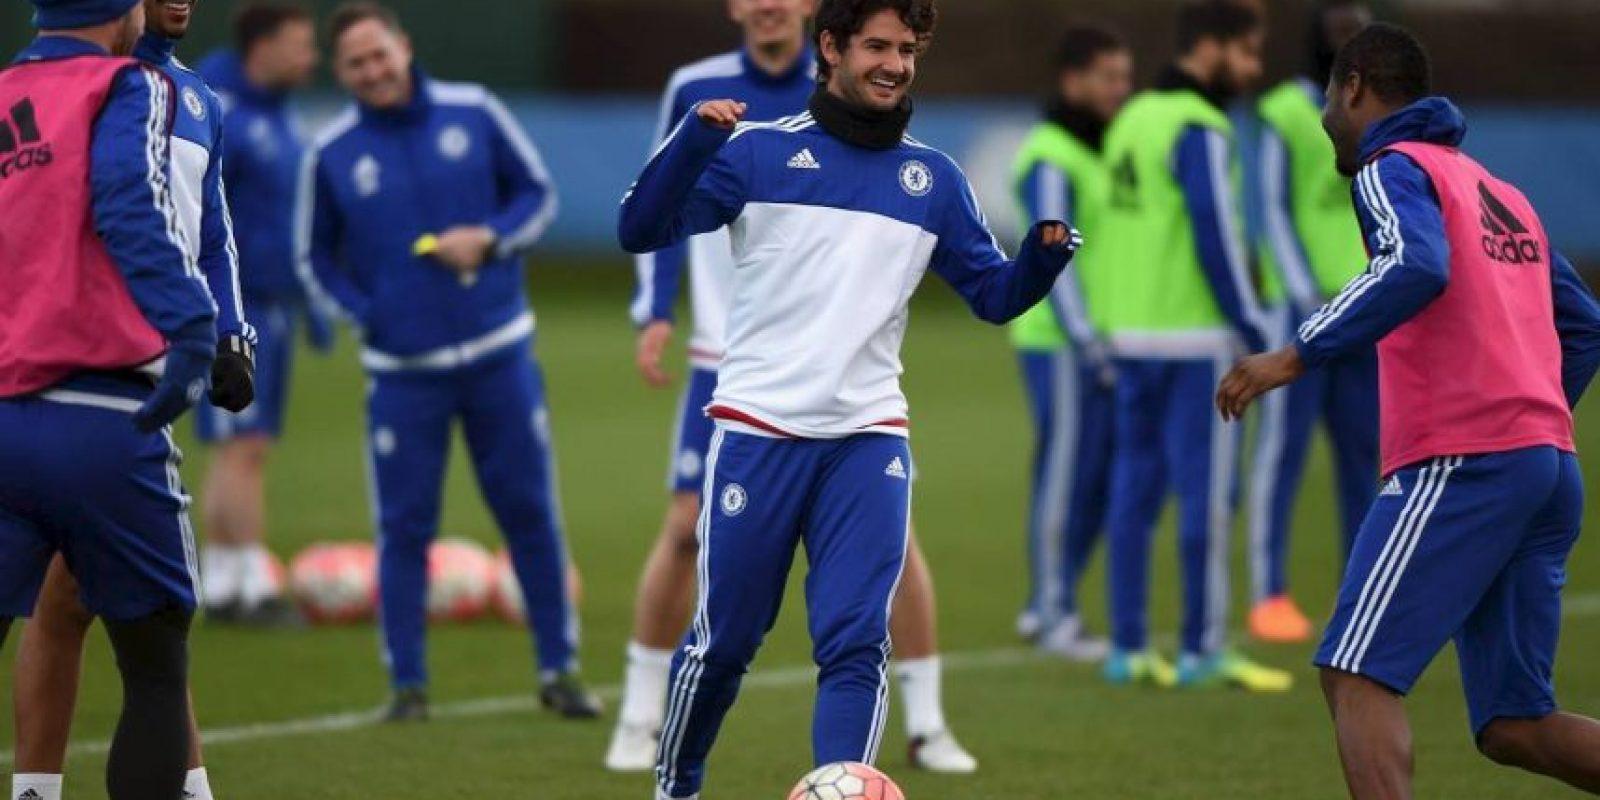 El brasileño regresó al fútbol europeo con un préstamo del Corinthians al Chelsea. Foto:Vía facebook.com/ChelseaFC